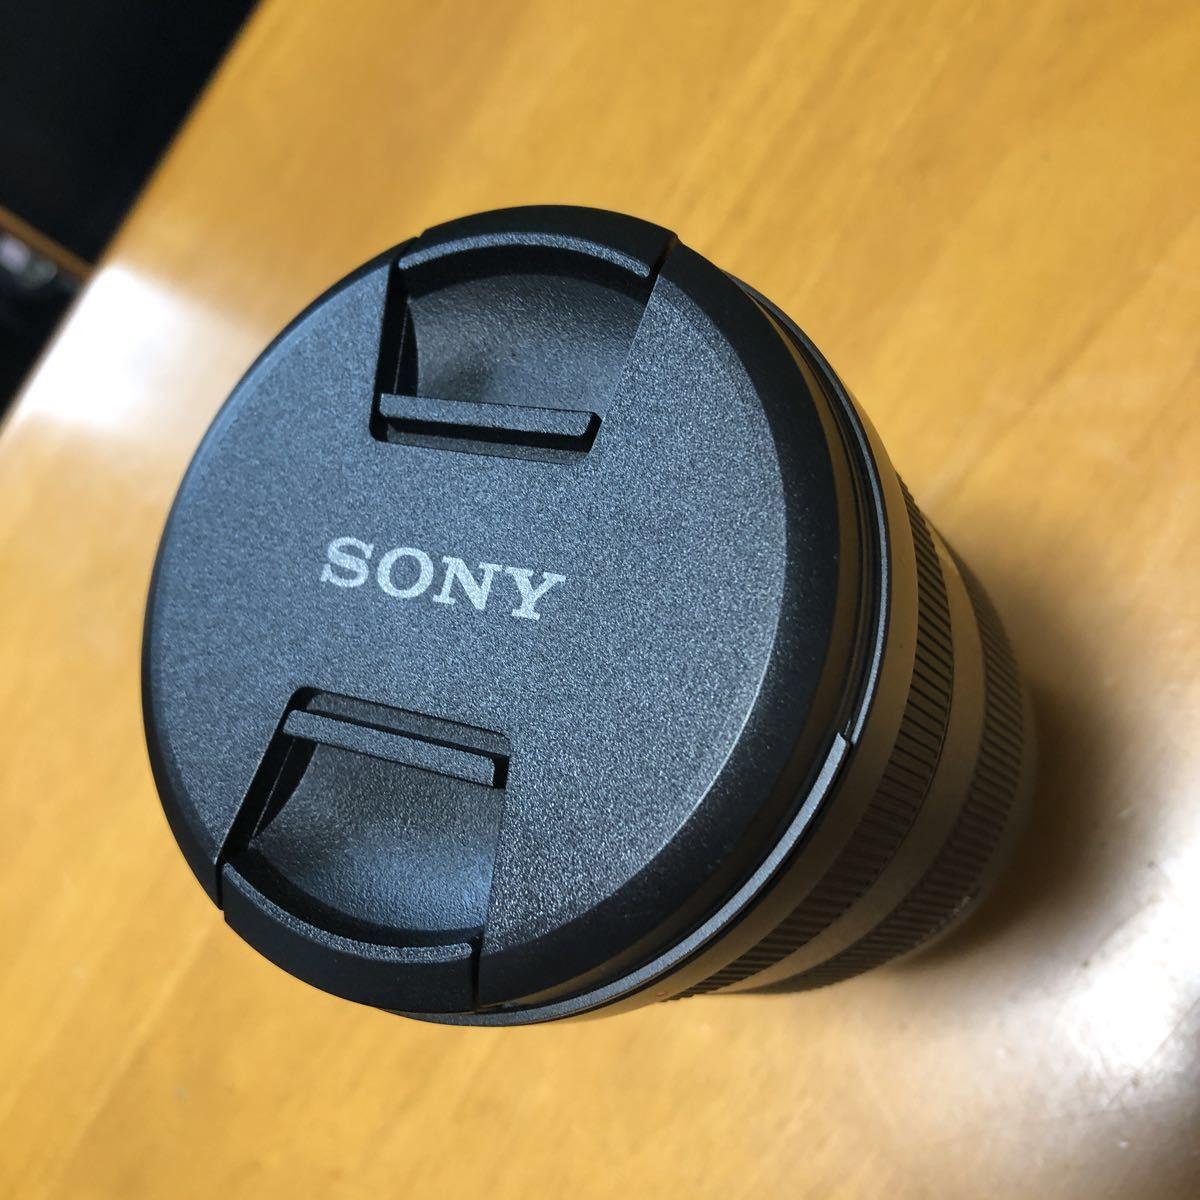 ☆美品☆ SONY SEL2470GM FE 24-70mm F2.8 GM Eマウント レンズフィルターのオマケ付き_画像6